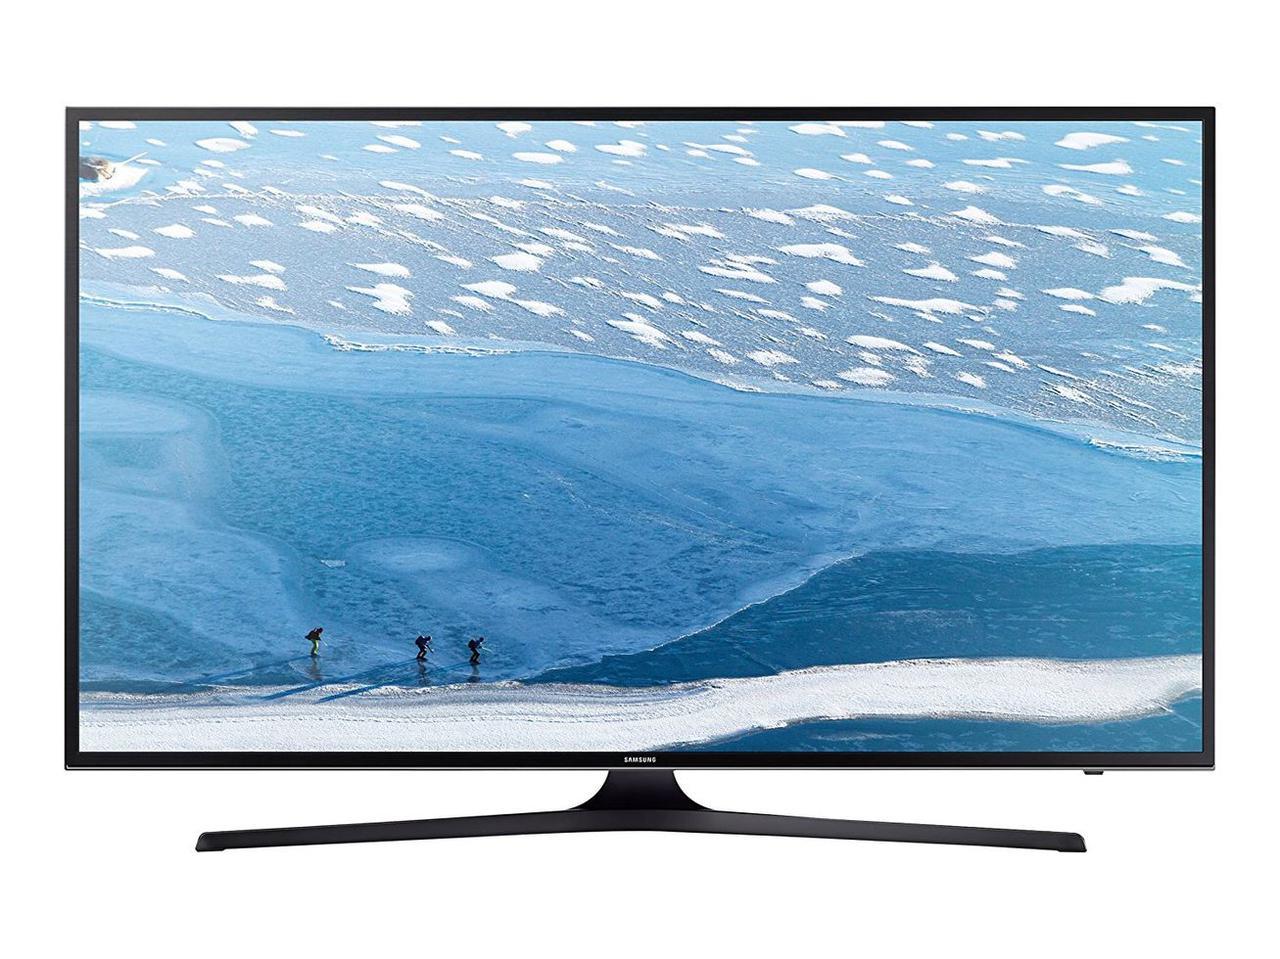 Телевизор Samsung UE65KU6079 (65 дюймов, WiFi, Ultra HD, 4K, Quad-Core)